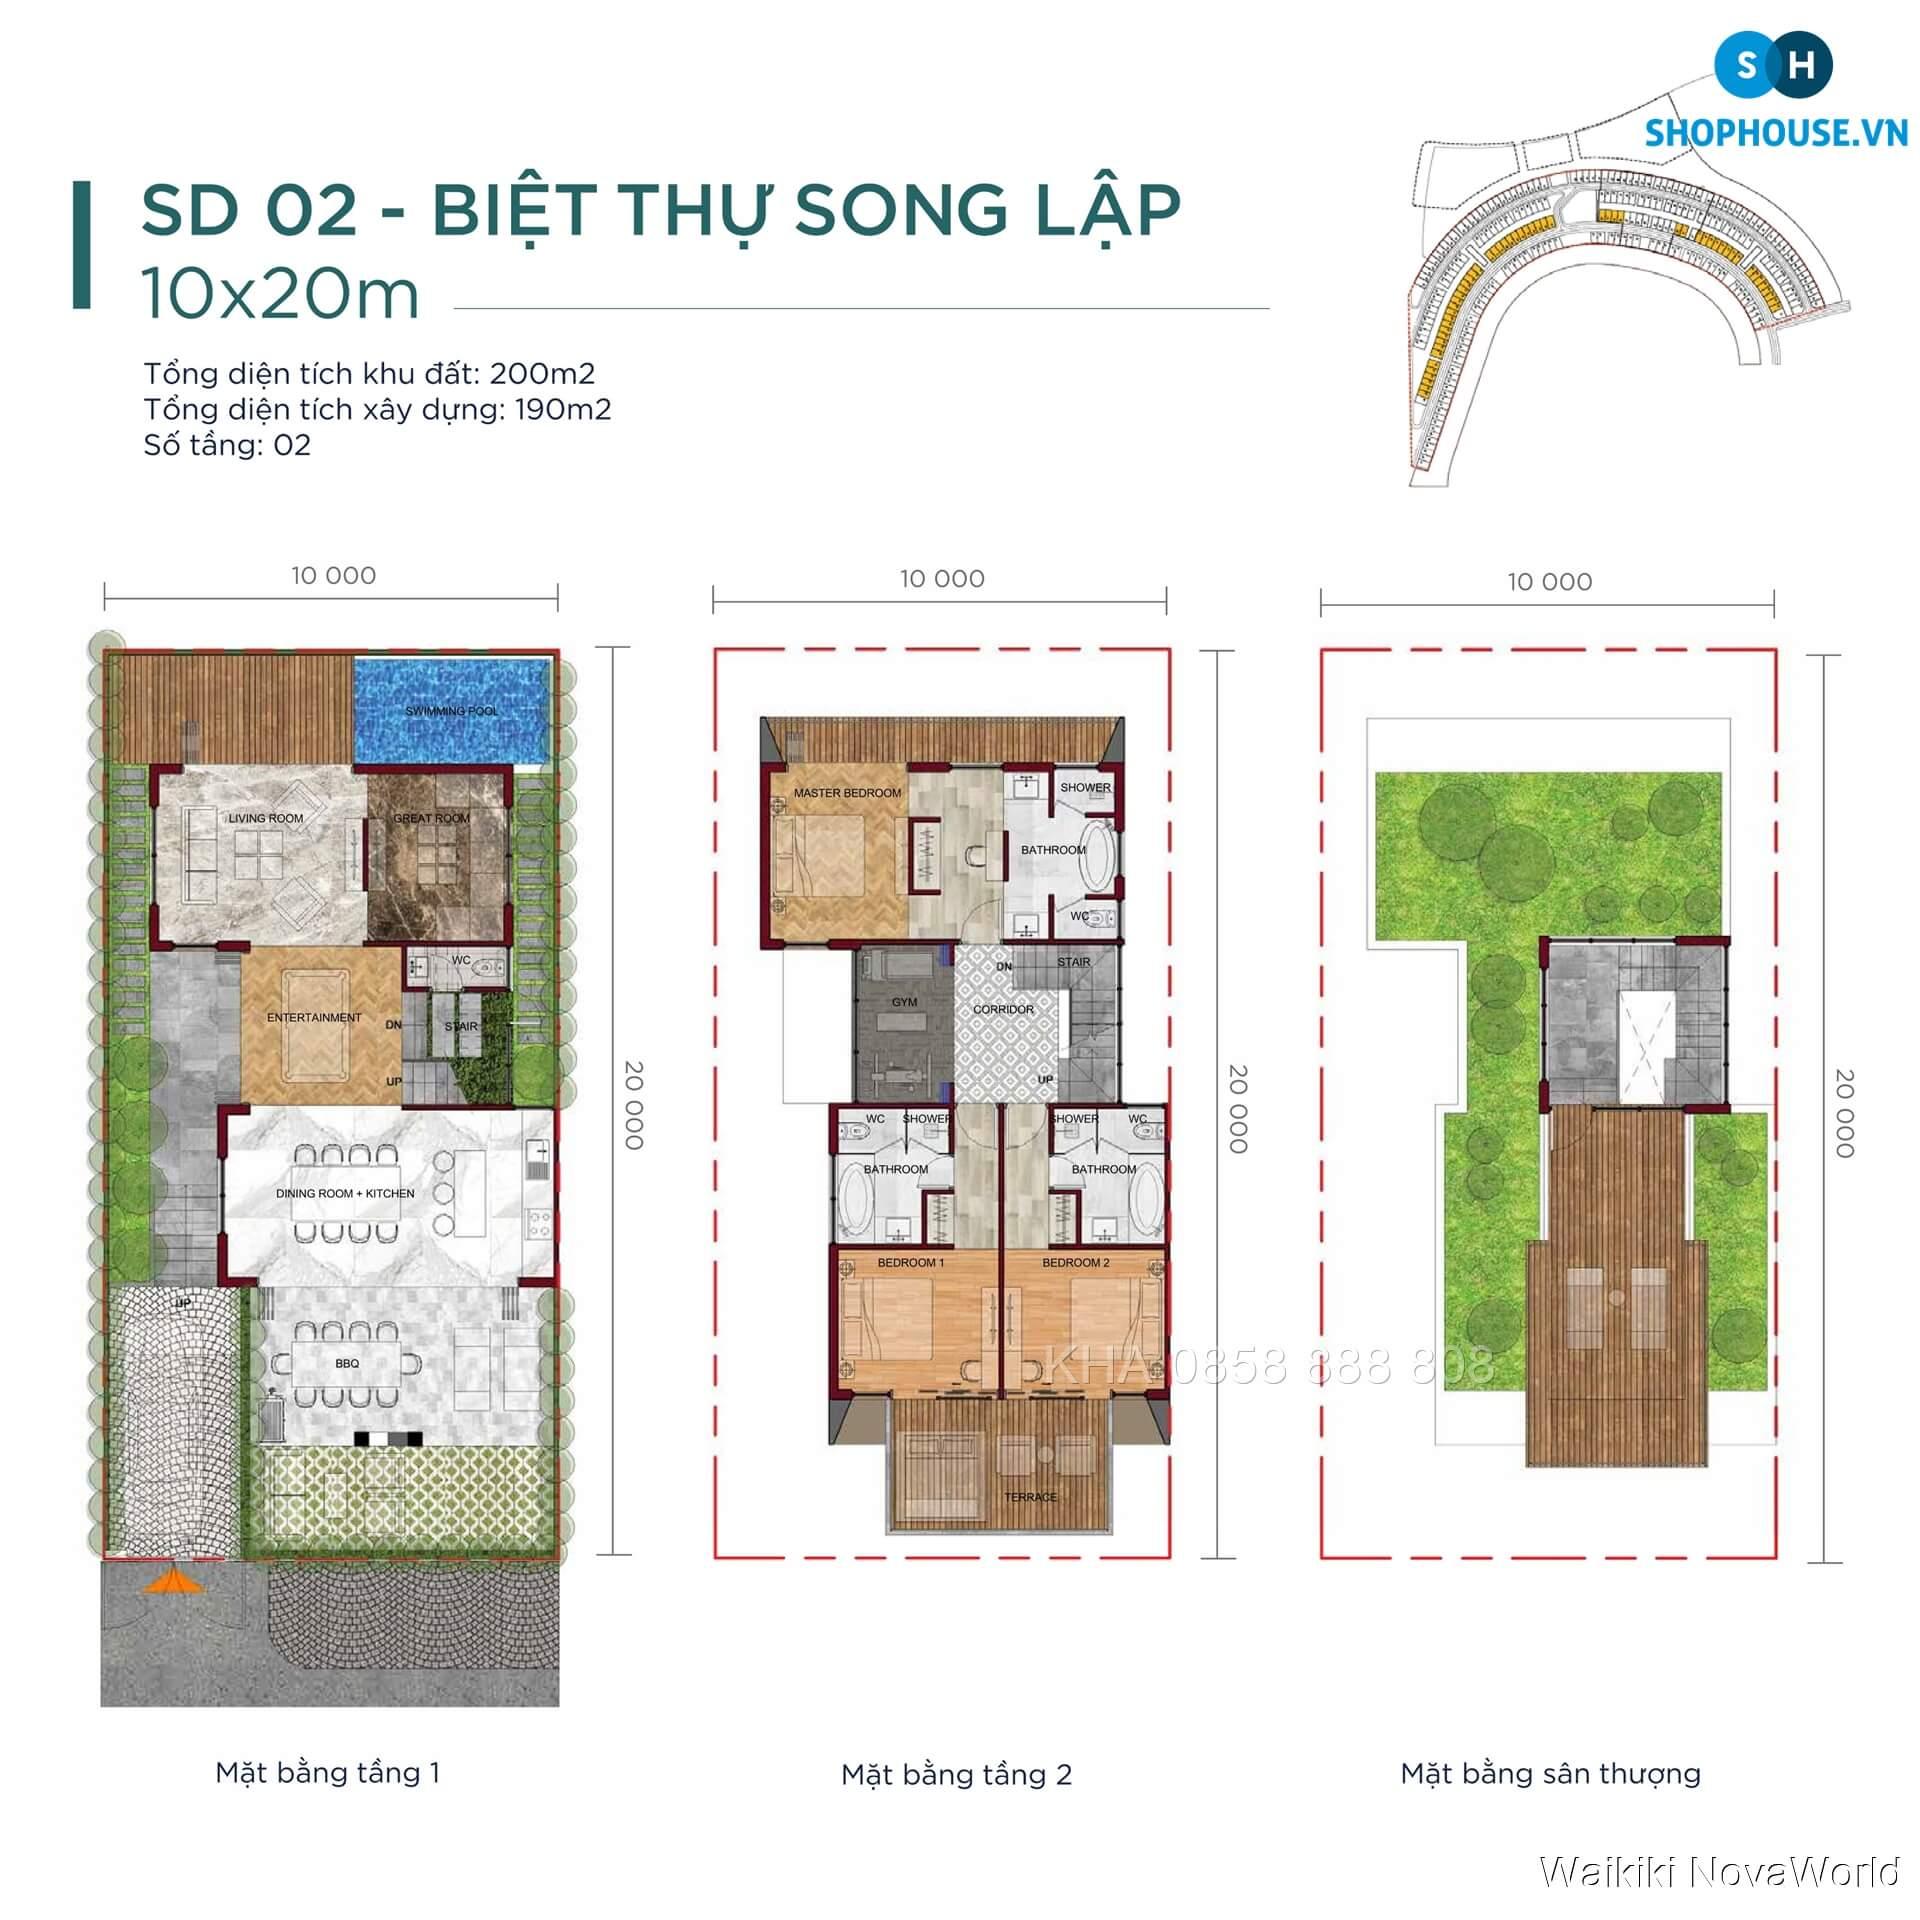 Waikiki-NovaWorld-mat-bang-tang-chi-tiet-biet-thu-villas-song-lap-10x20-SD02